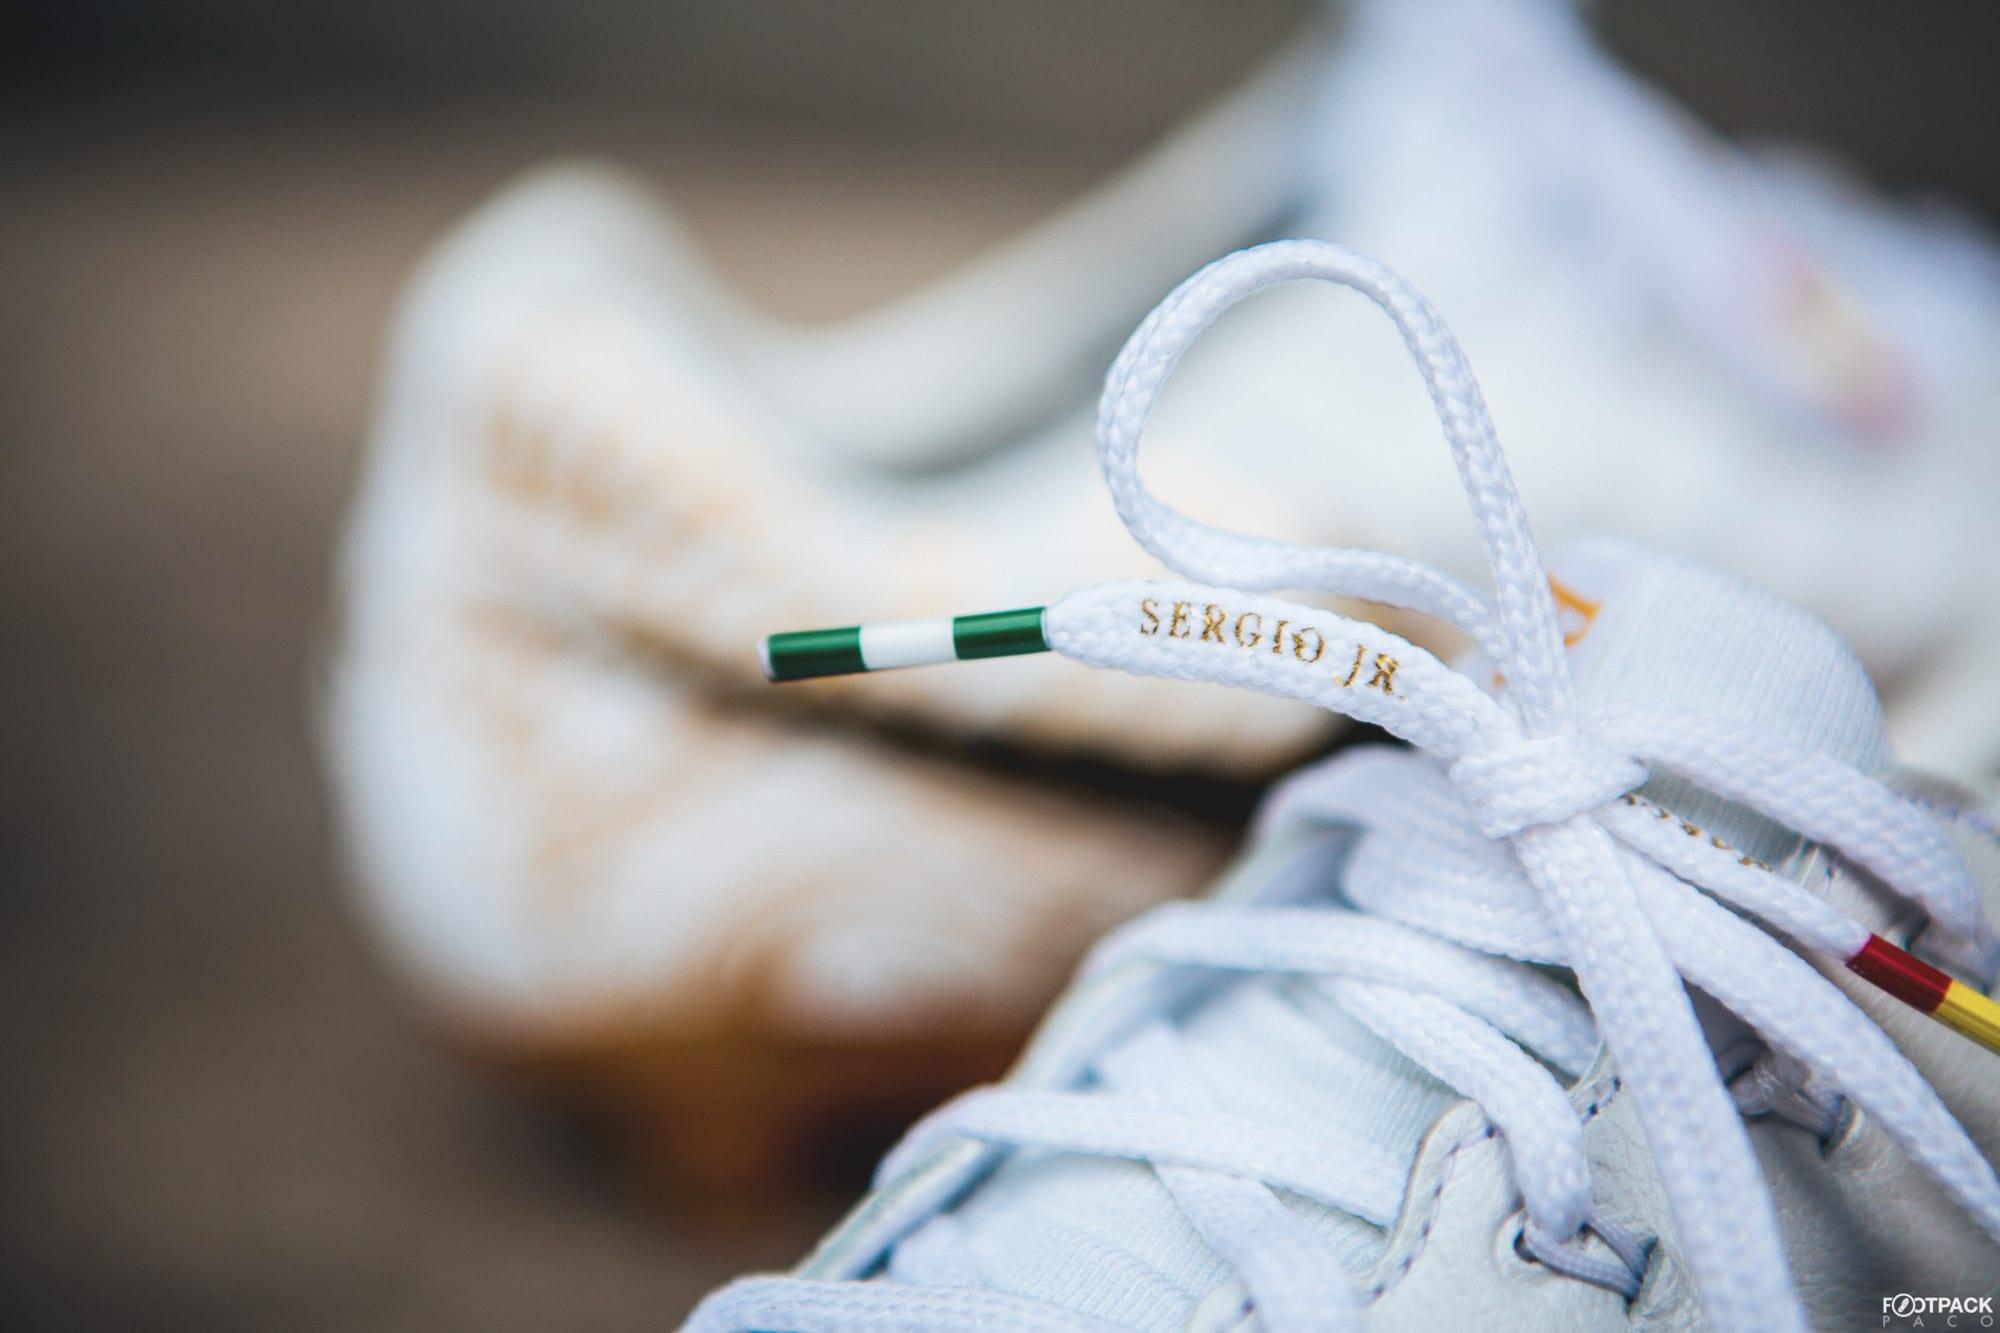 chaussure-football-nike-tiempo-sergio-ramos-janvier-2018-12